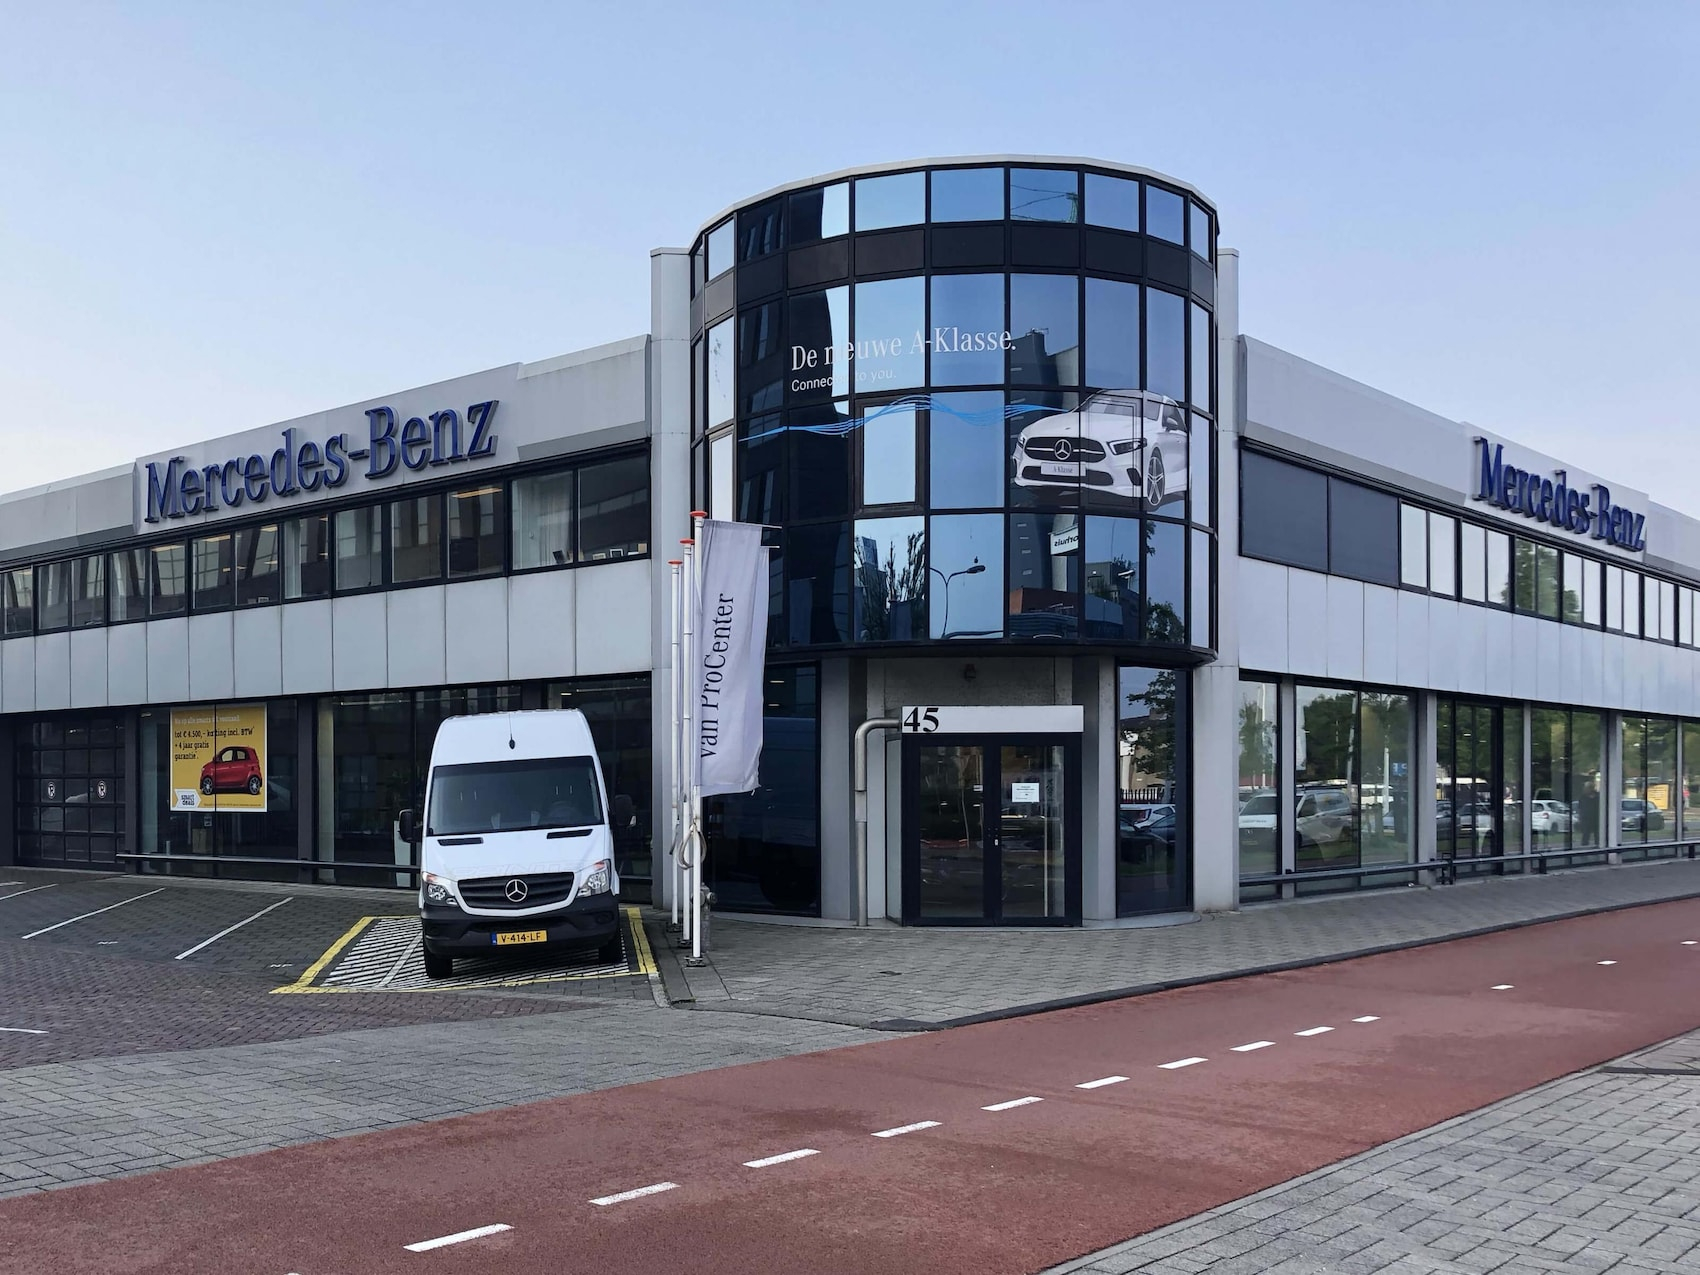 Mercedes-Benz vestiging Leiden